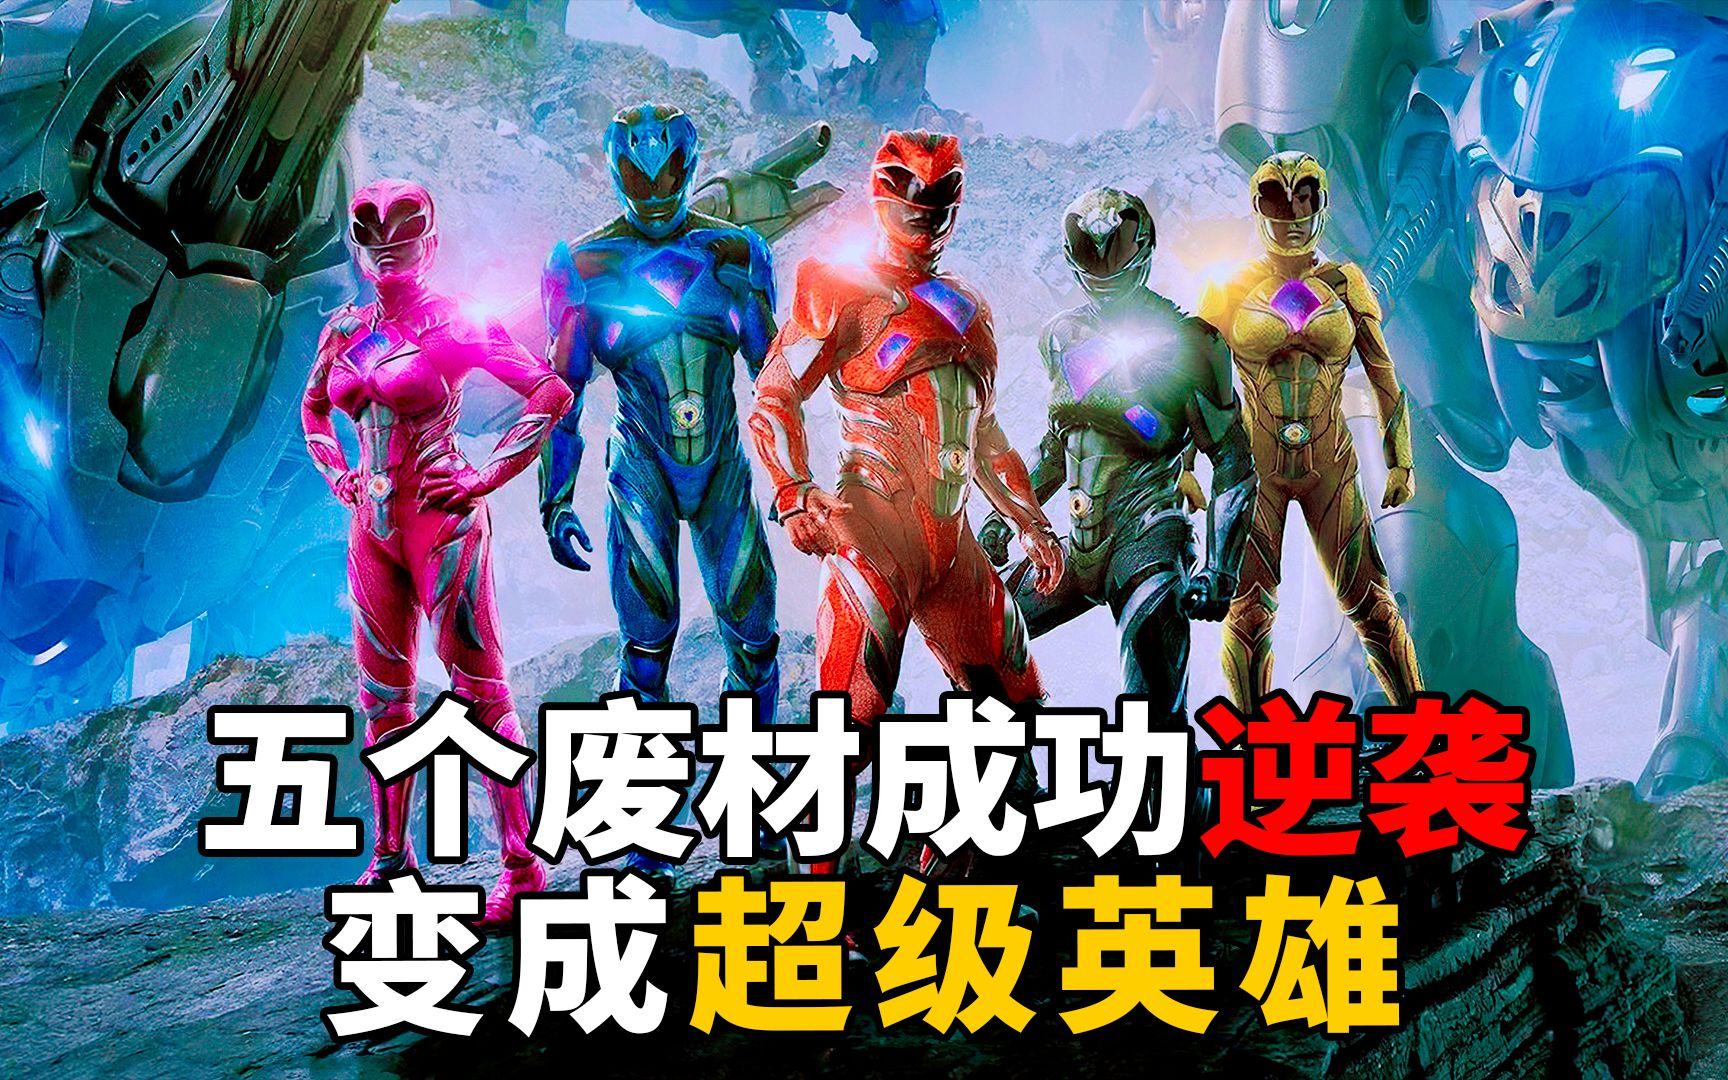 5名废柴误入钻石矿,意外获得神秘力量,变身铠甲勇士!科幻片